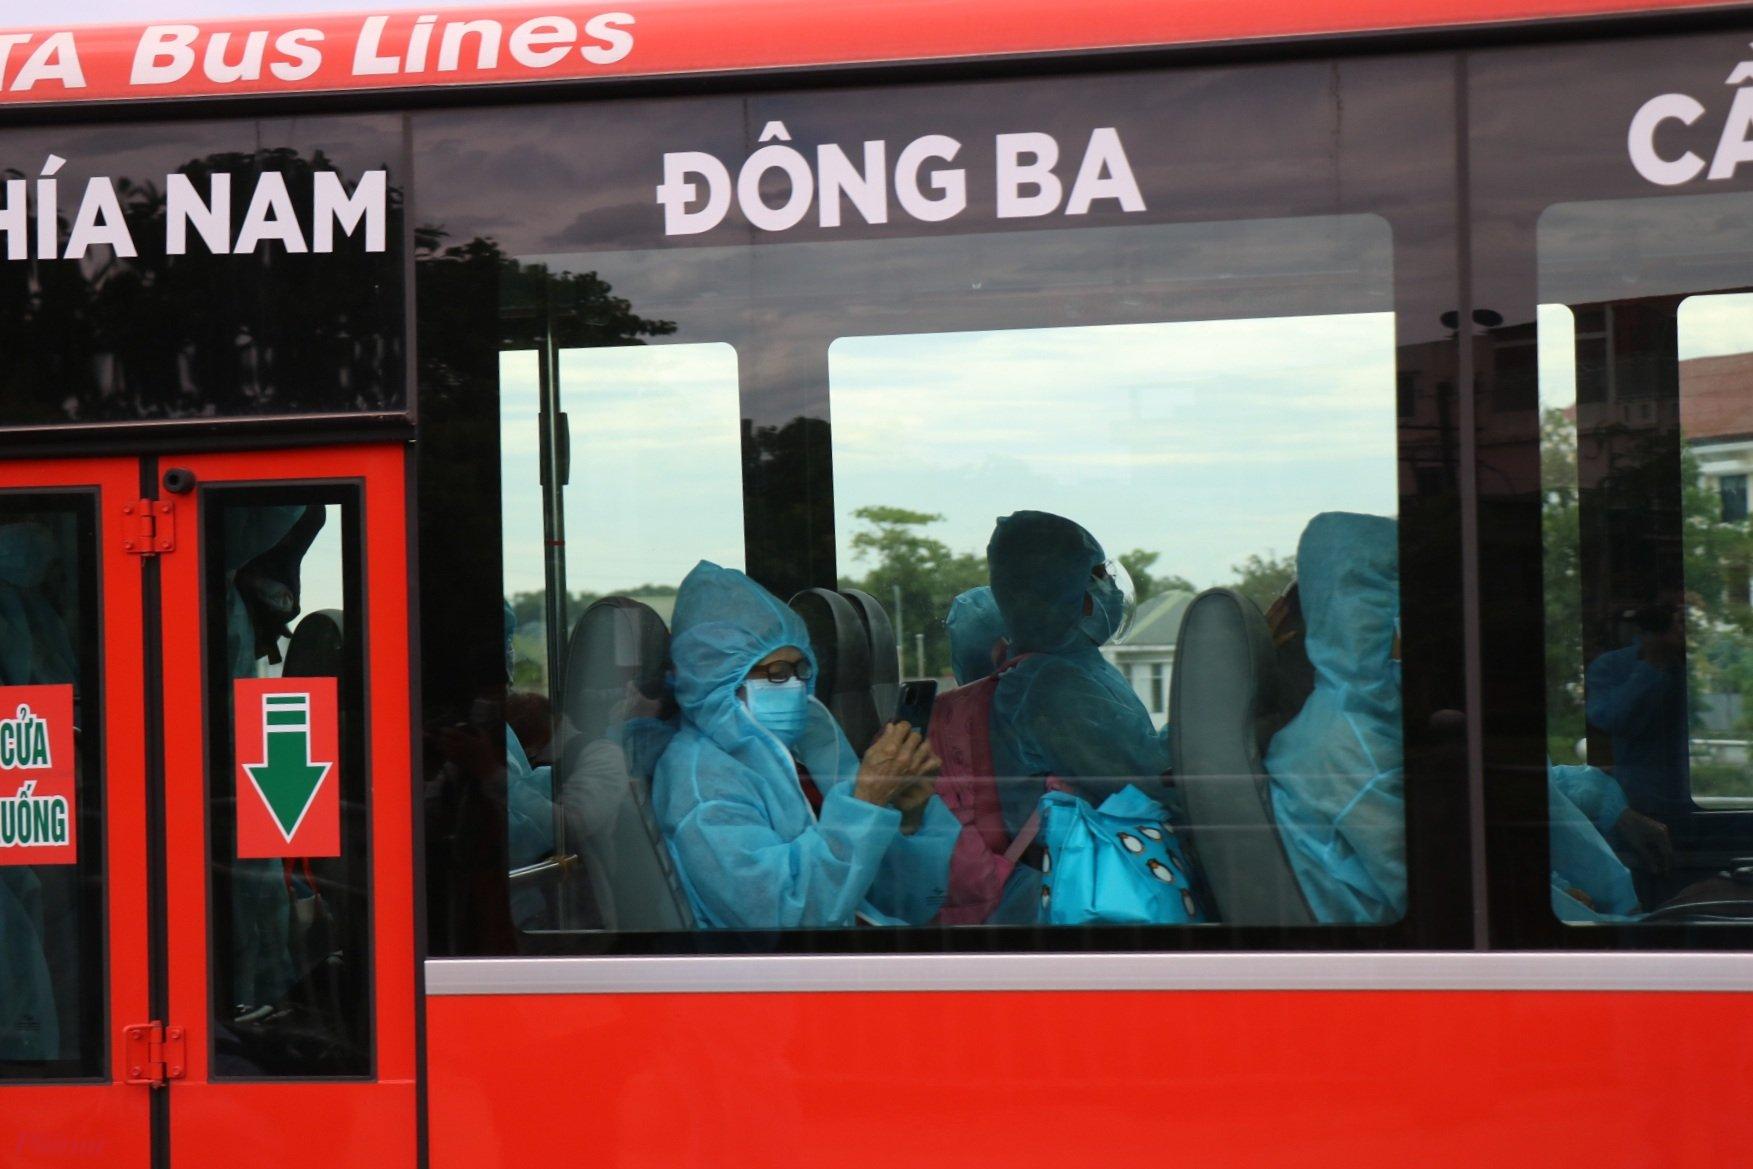 Theo Ban Chỉ đạo phòng, chống dịch Covid-19 tỉnh Thừa Thiên Huế, sau khi đón thêm 250 công dân về quê vào ngày 1/8, địa phương này sẽ tạm dừng thực hiện đón công dân từ vùng dịch trở về do các khu cách ly đã quá tải.